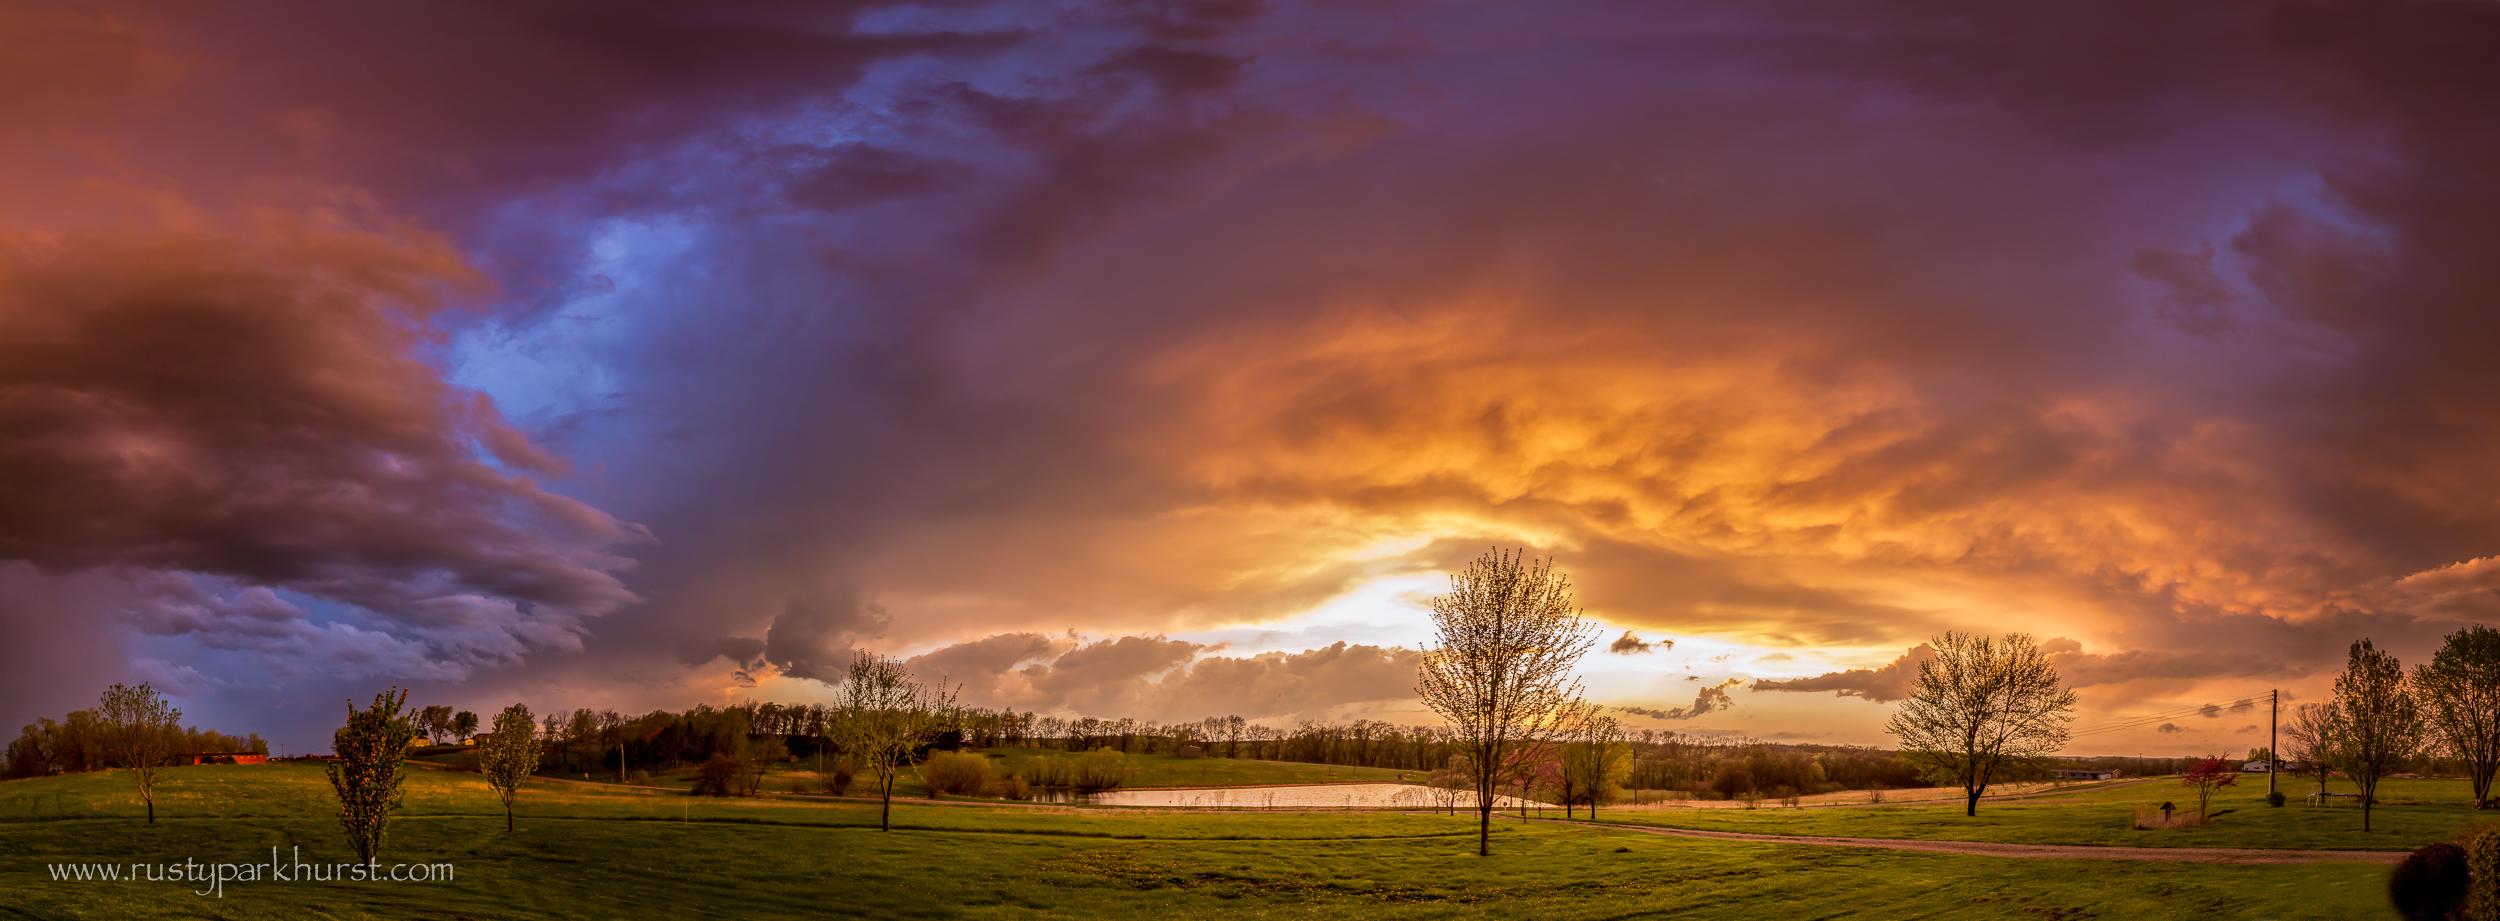 Stormy Skies Panorama